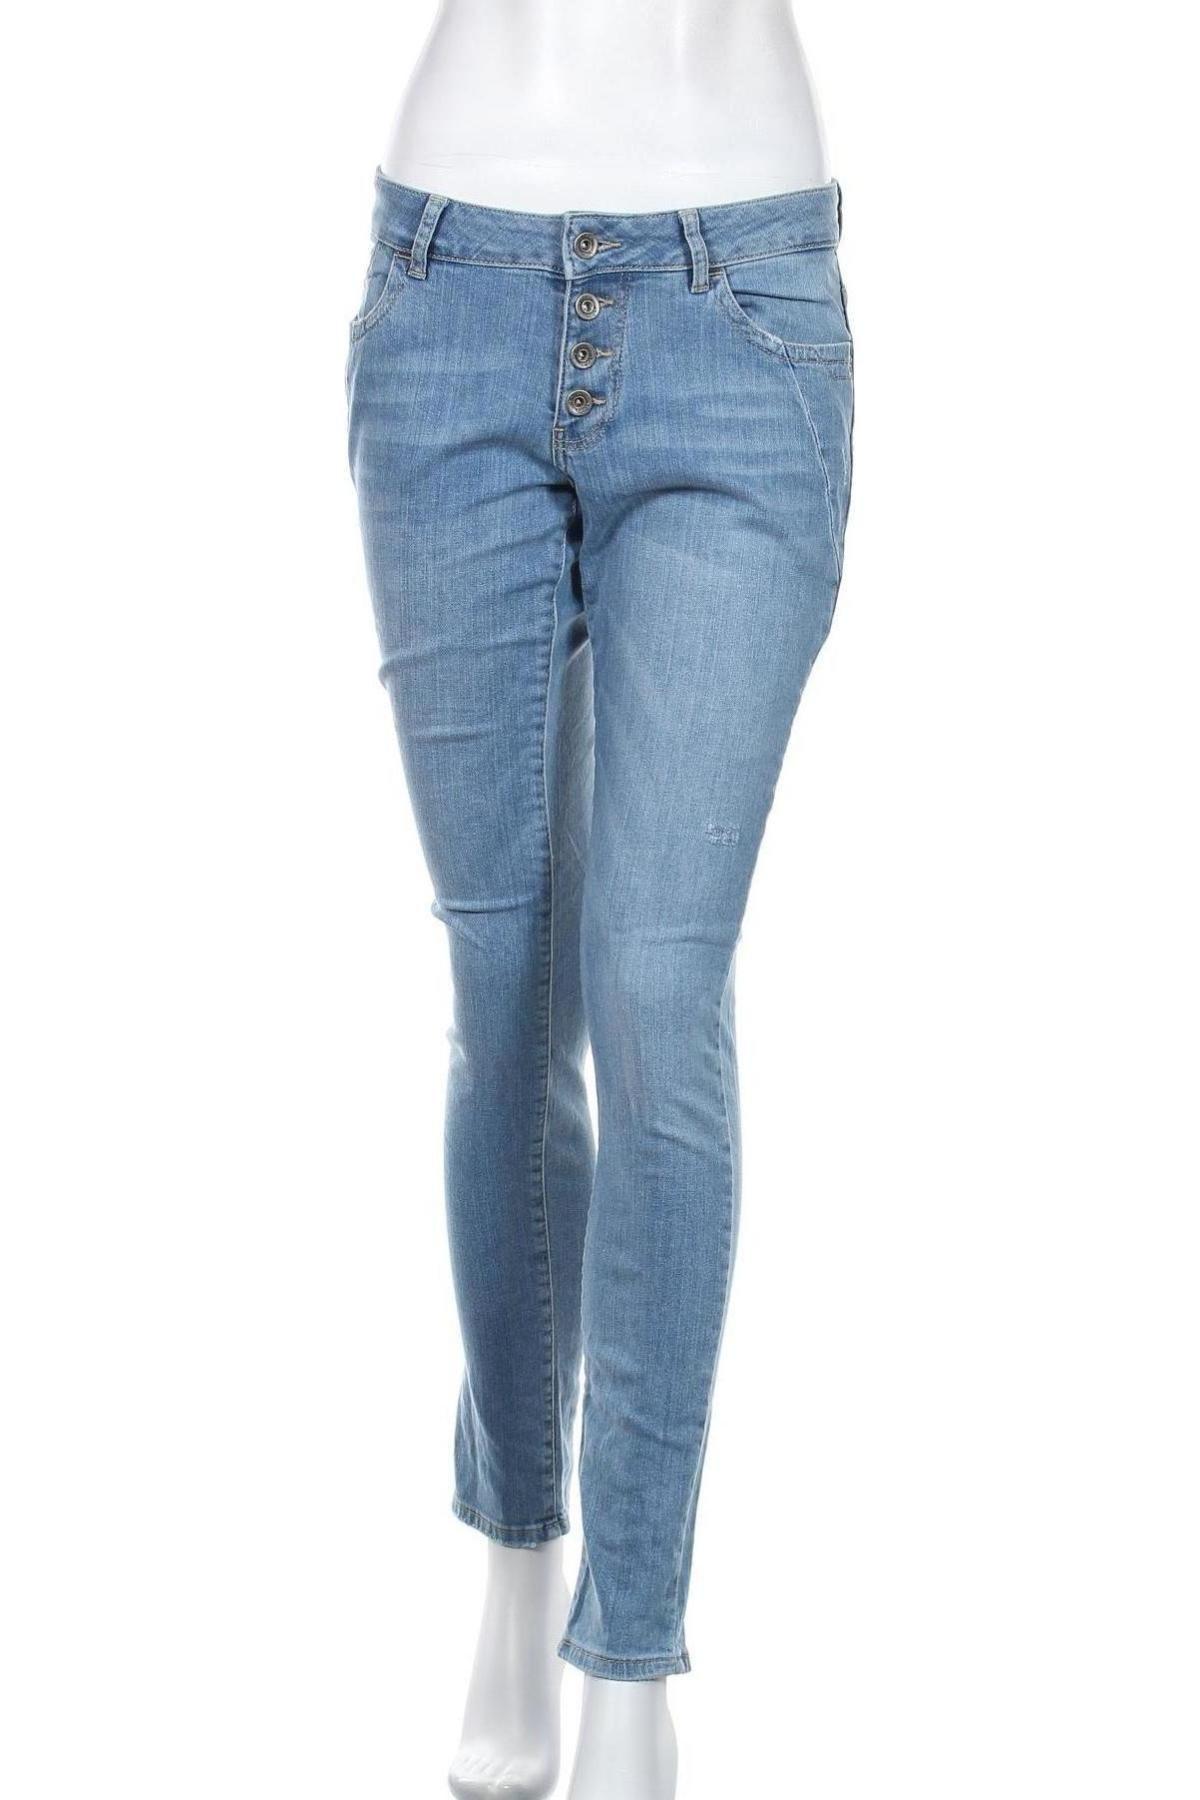 Дамски дънки S.Oliver, Размер S, Цвят Син, 98% памук, 2% еластан, Цена 11,48лв.